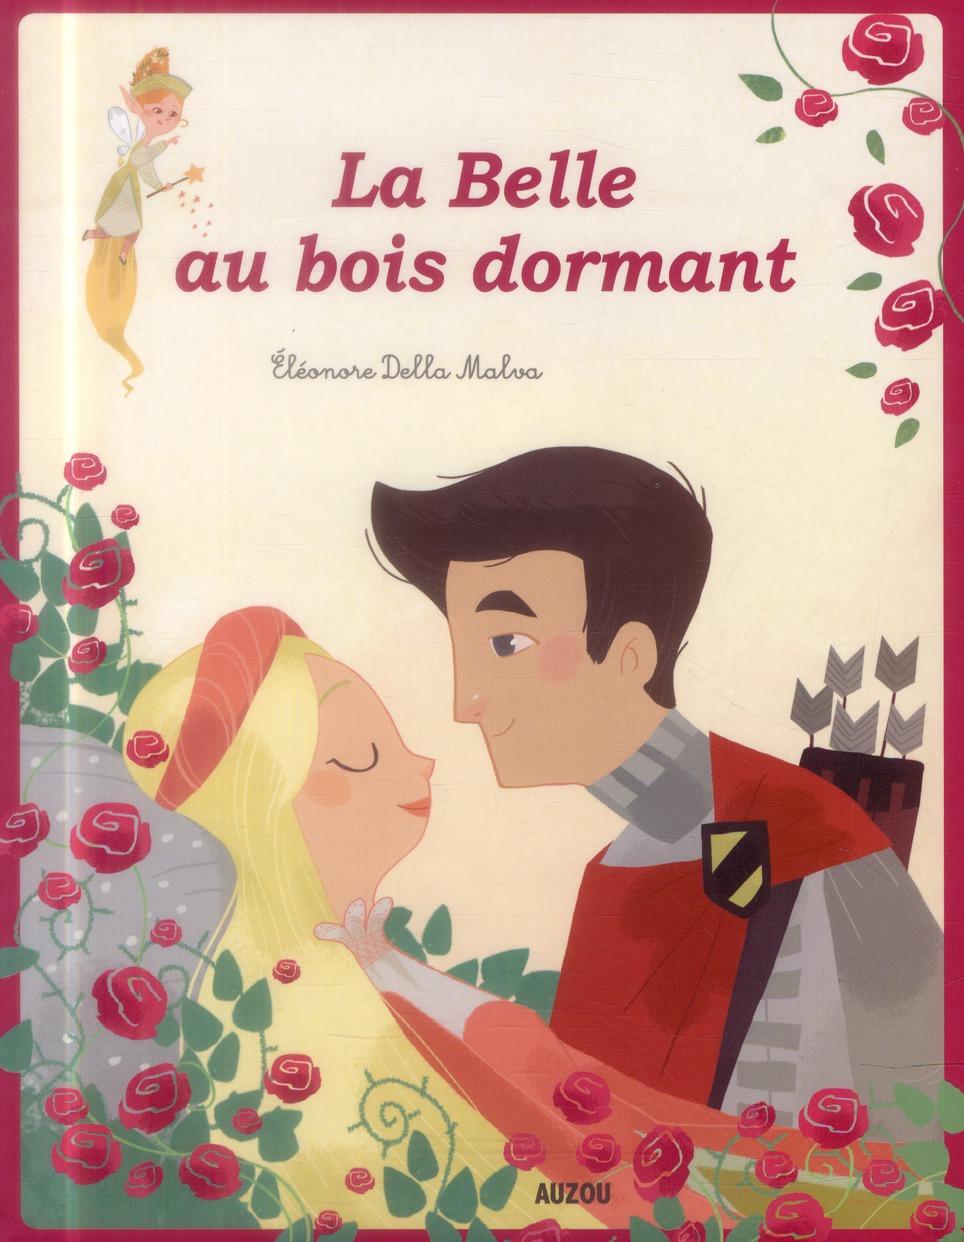 LA BELLE AU BOIS DORMANT  (NOUVELLE EDITION) Della Malva Eléonore Auzou